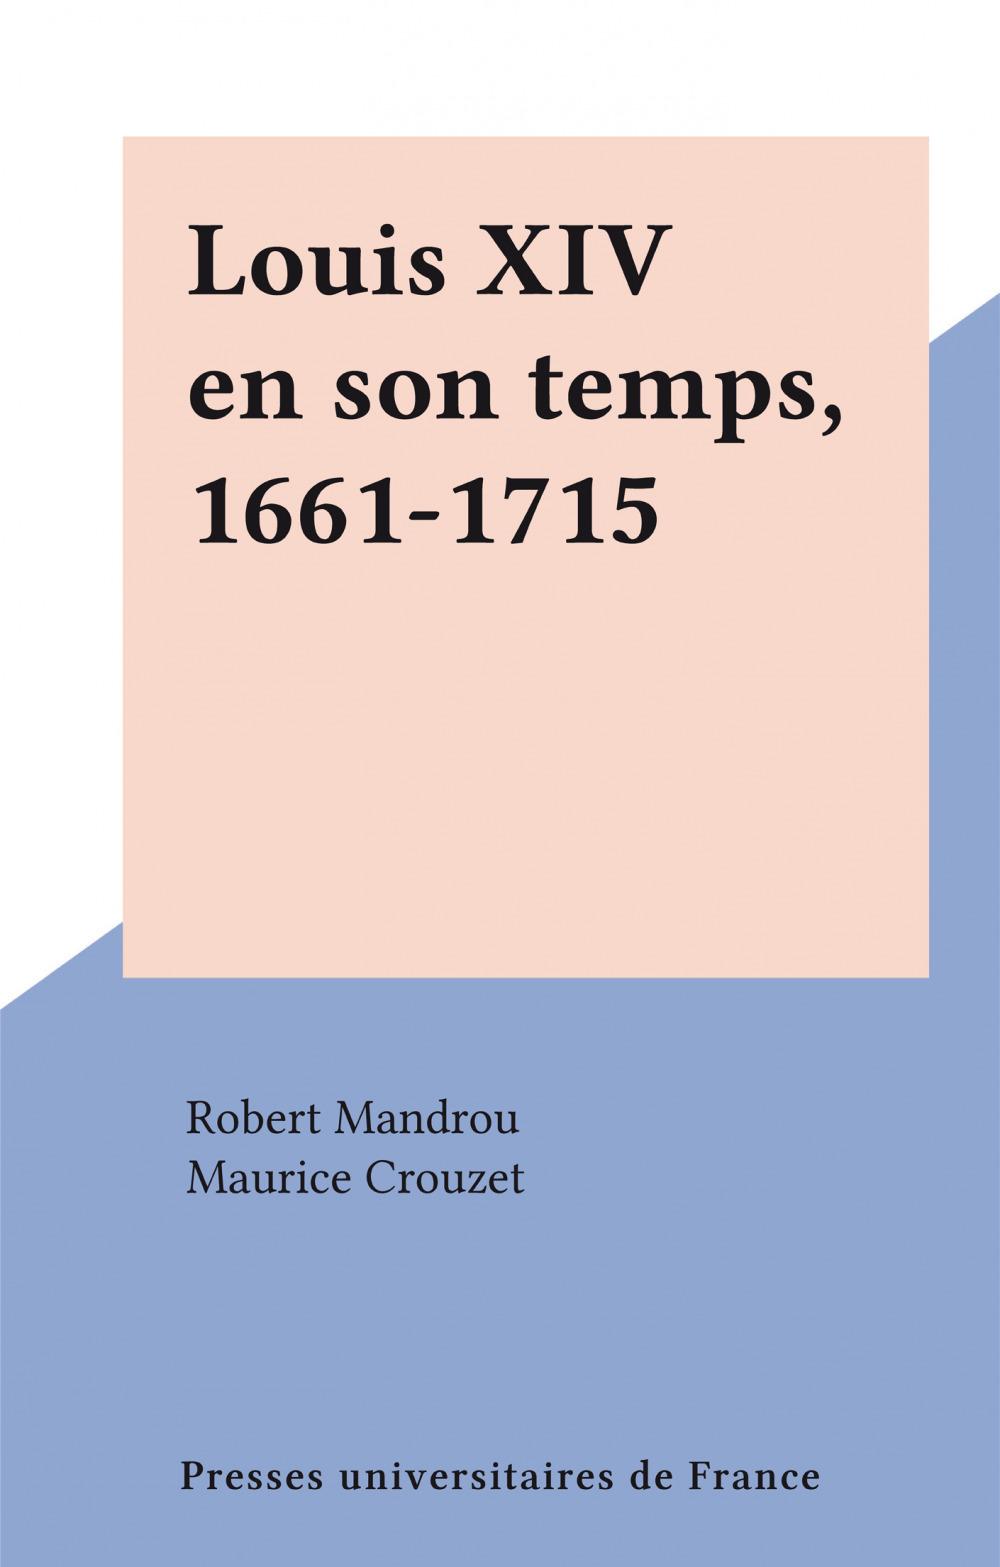 Louis XIV en son temps, 1661-1715